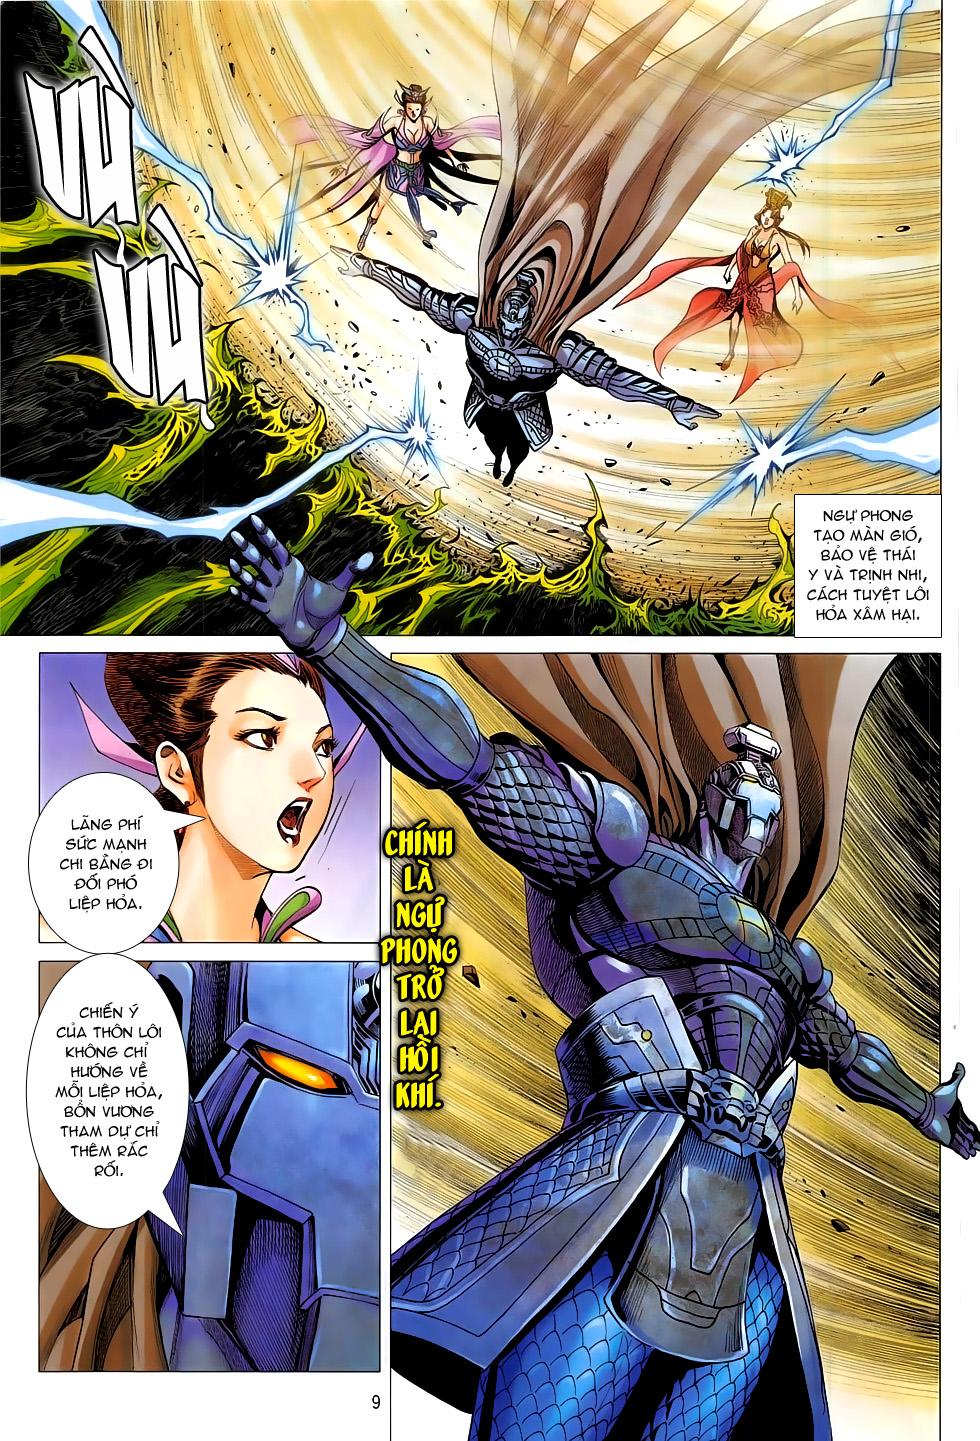 Chiến Phổ chap 19 - Trang 9